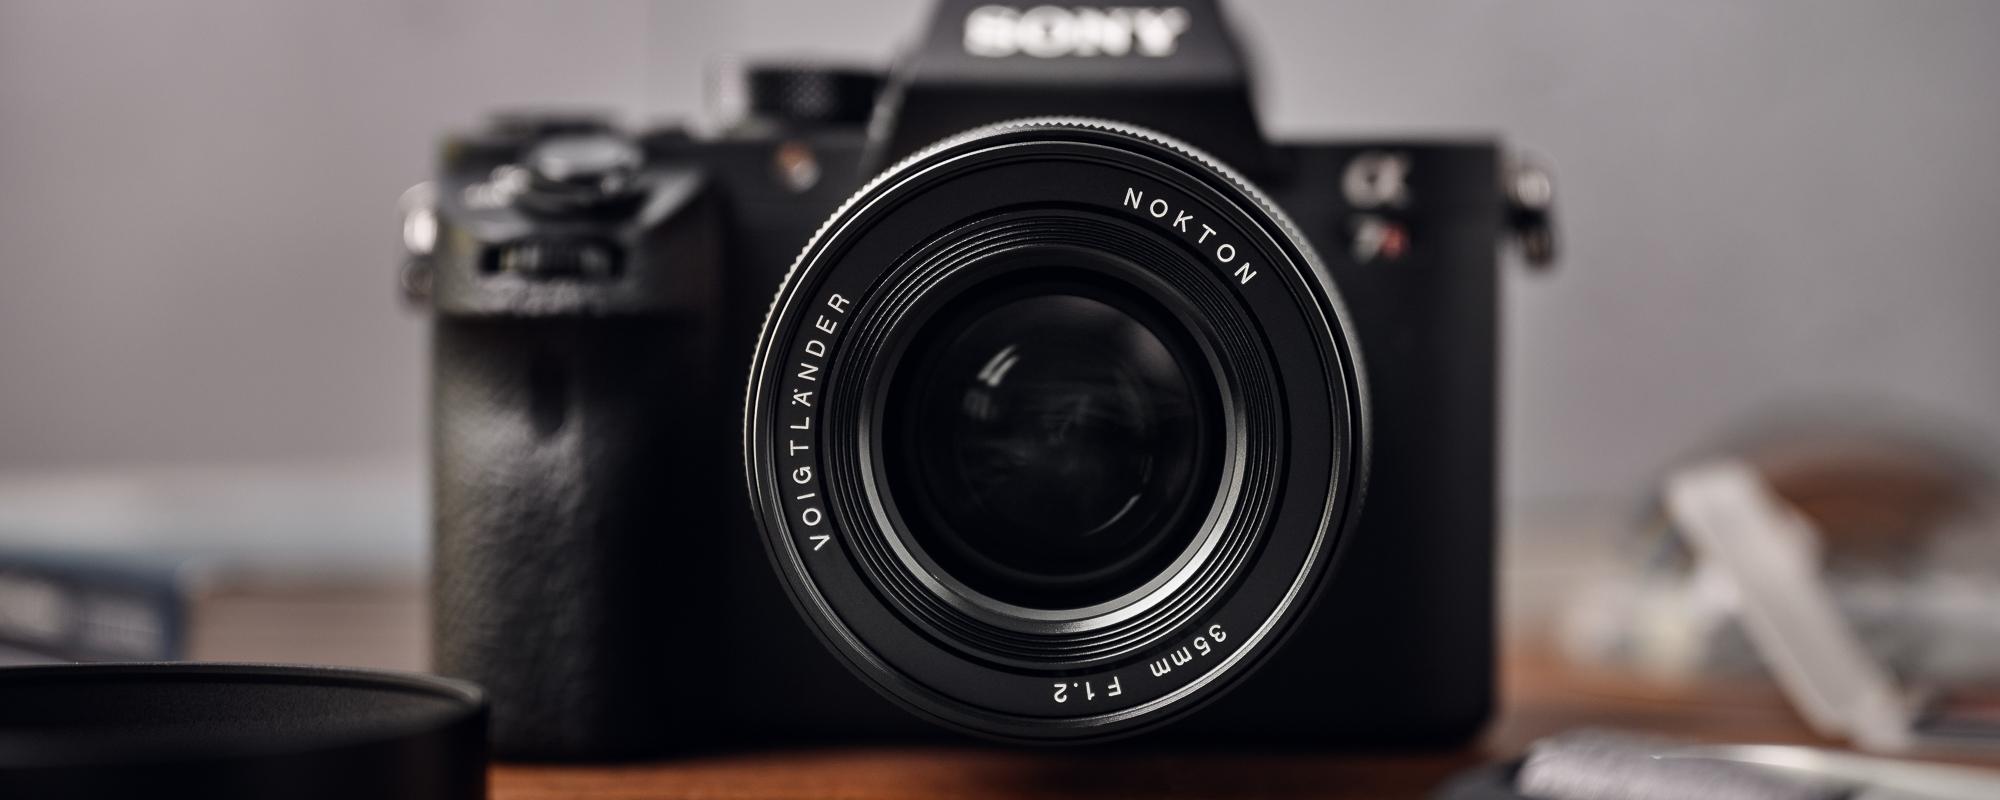 Obiektyw Voigtlander Nokton SE 35 mm f/1,2 do Sony E widok na przednią soczewkę